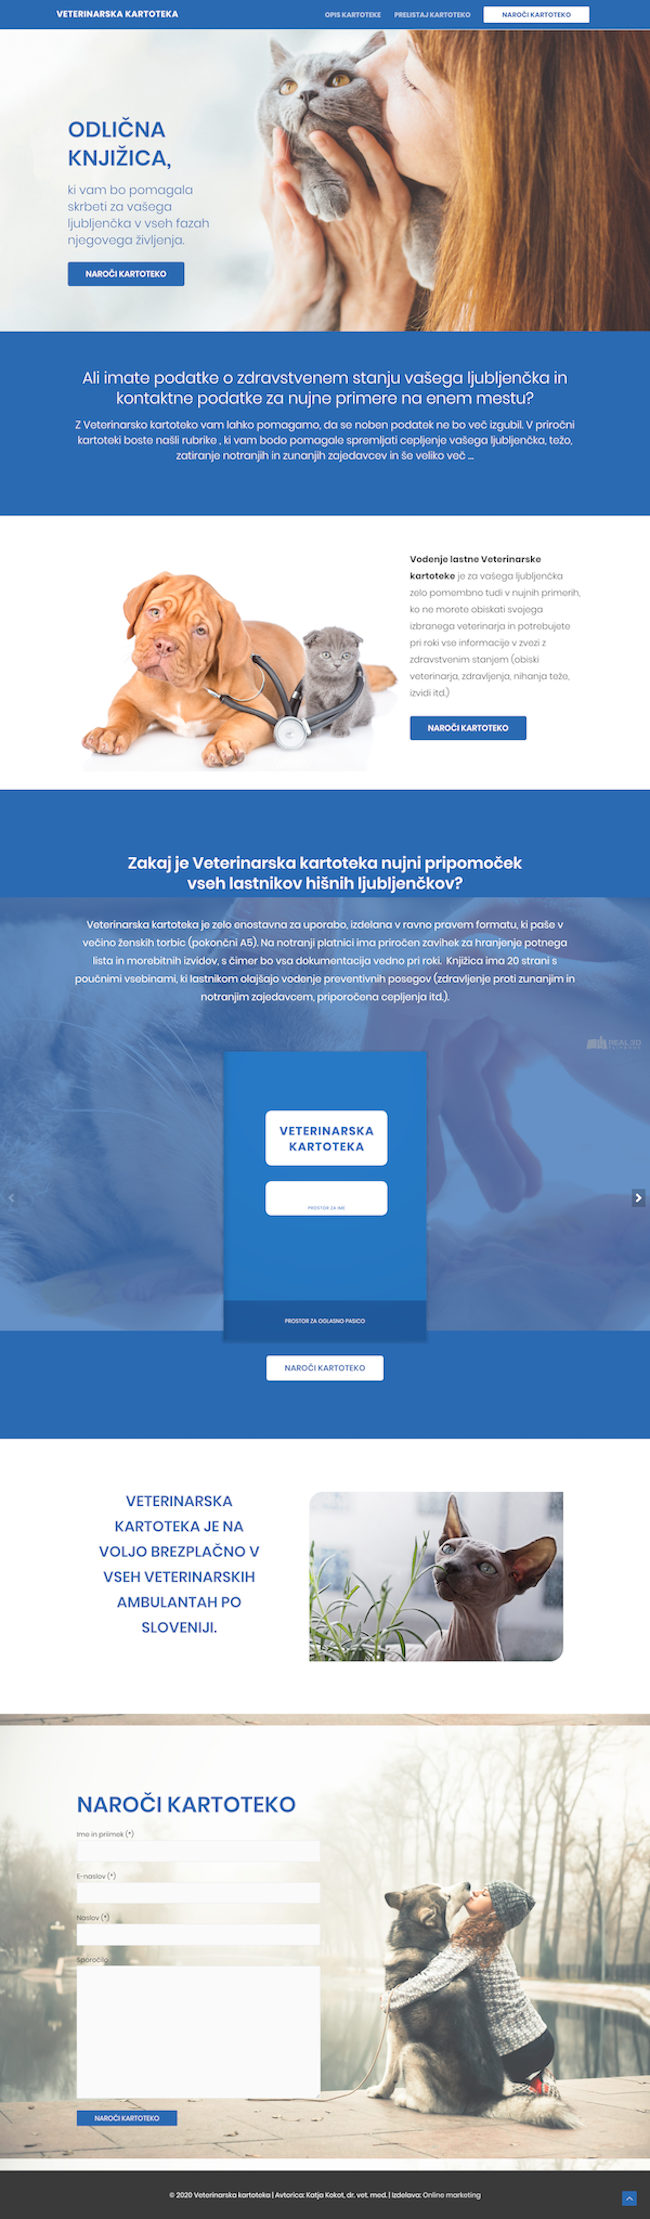 veterinarska kartoteka 3